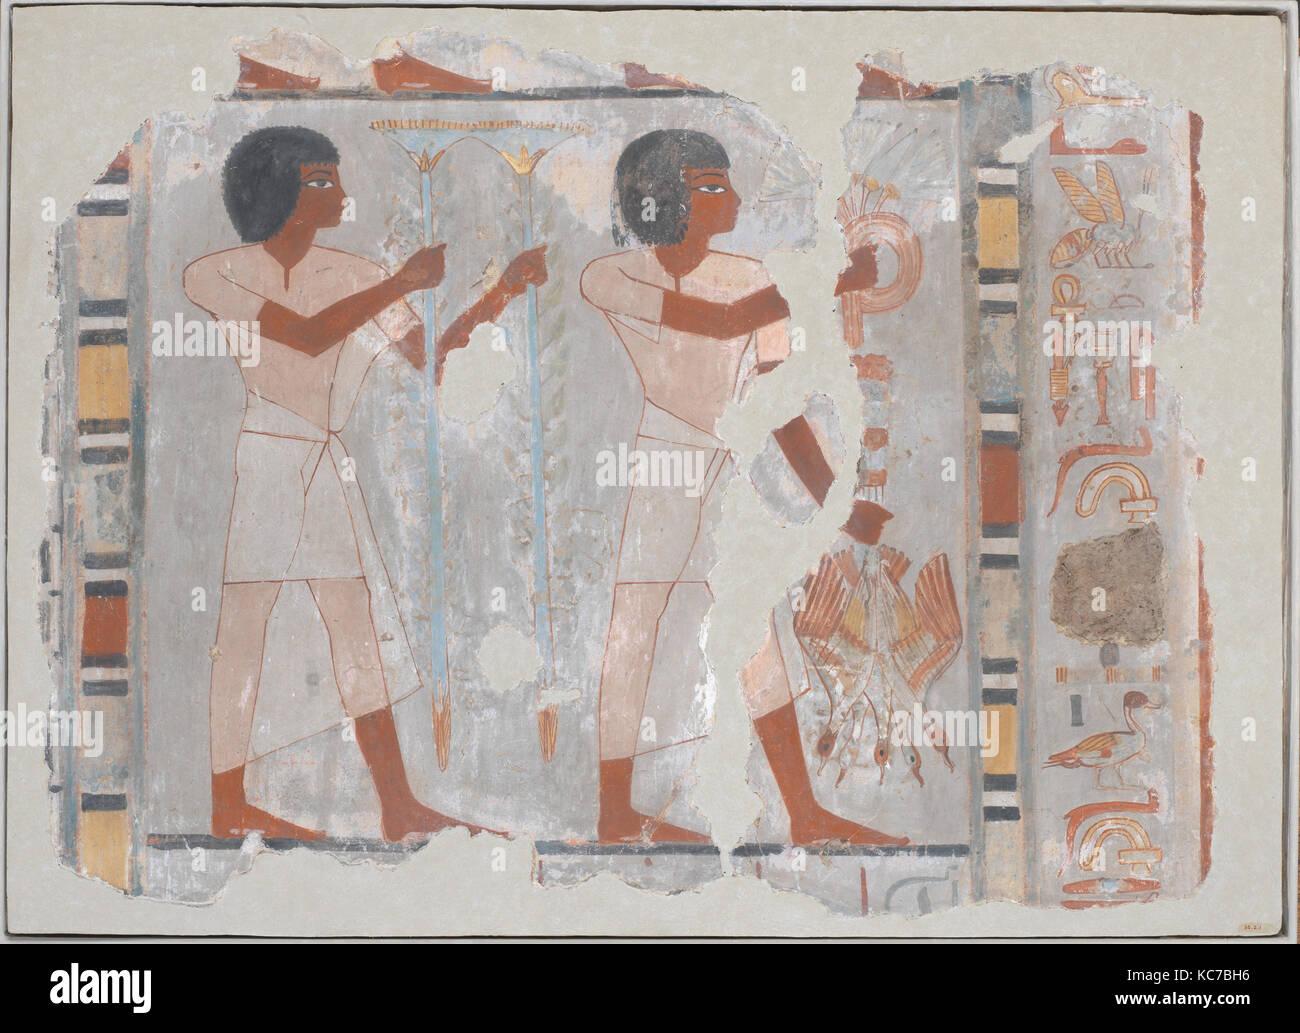 Pittura Murale A Tebe Immagini E Fotos Stock Alamy